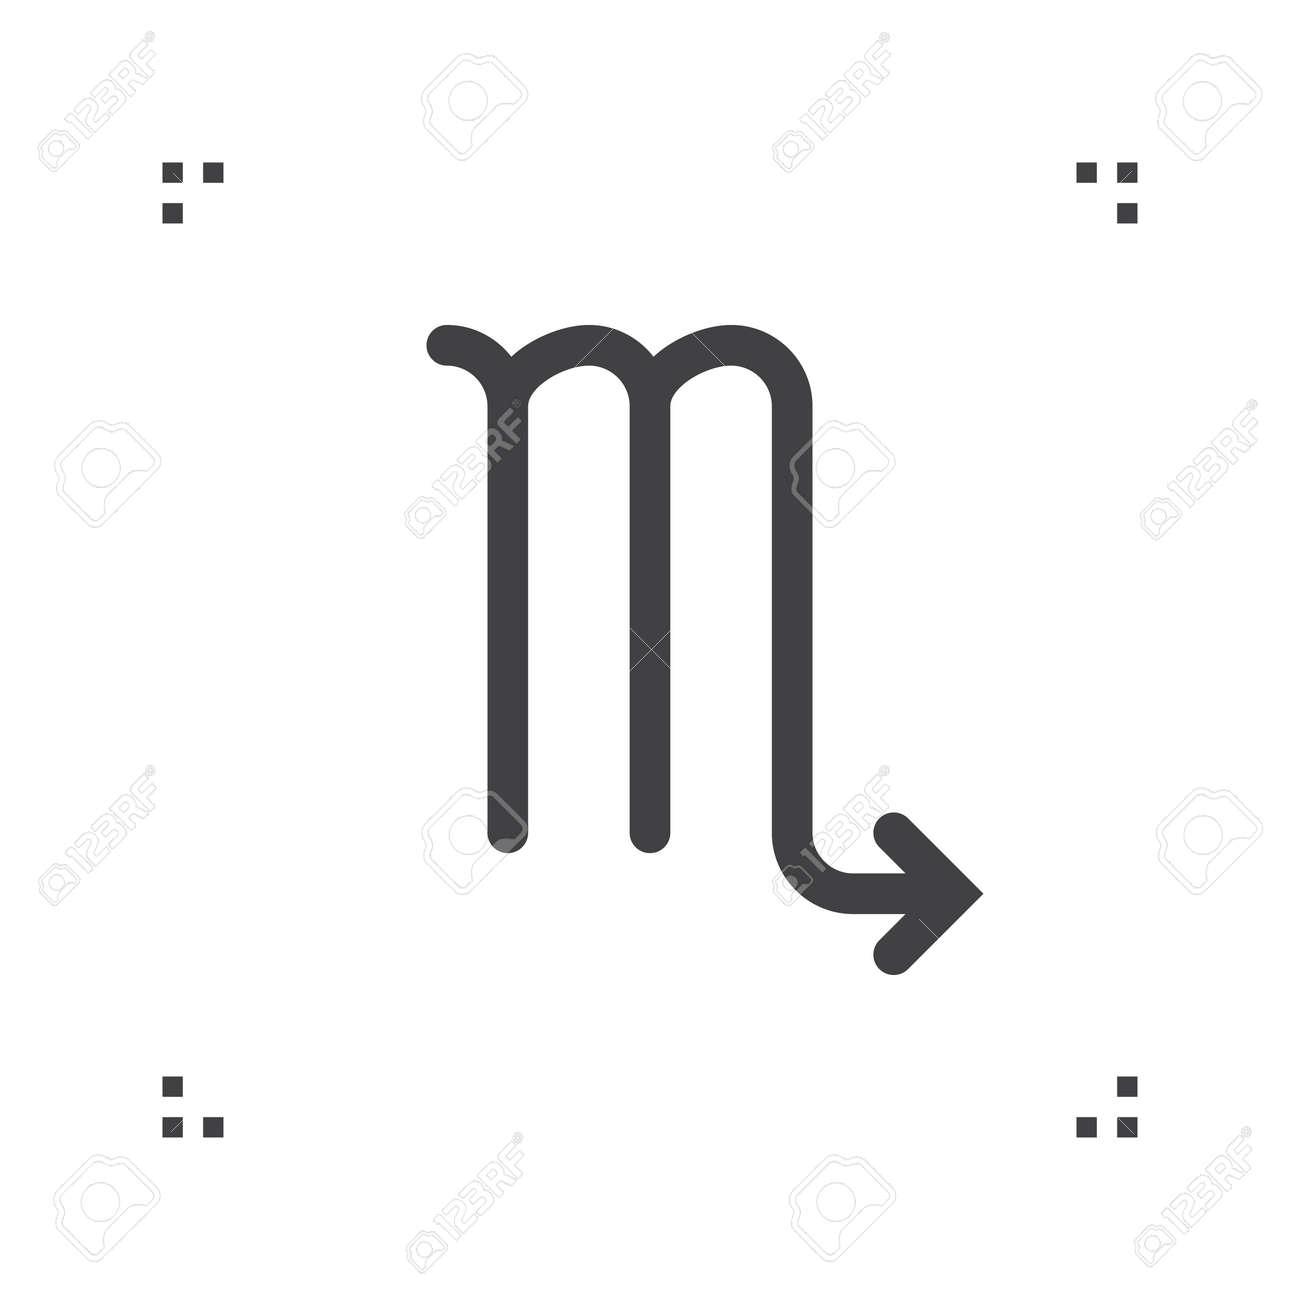 scorpio horoscope symbols pictures